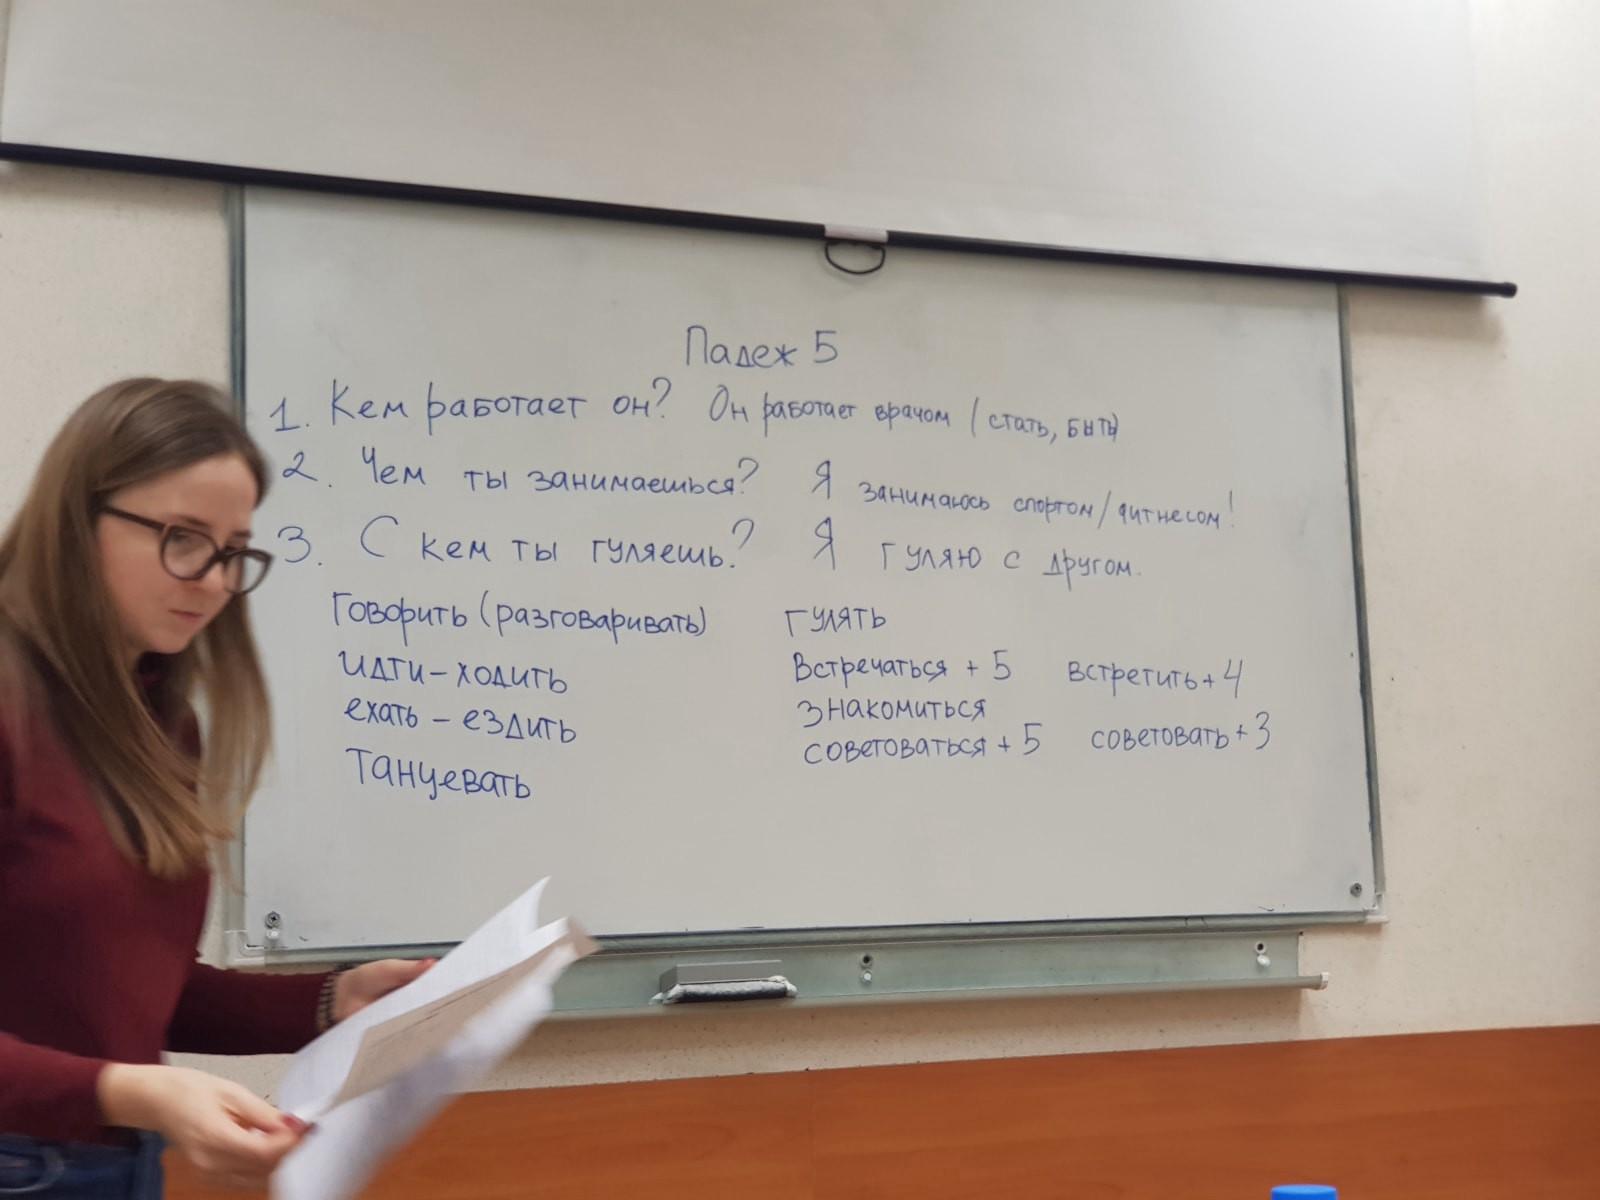 这是我们的孩子在课堂上学习名词变位第五格,讲课老师为娜佳(Надя)|俄罗斯留学预科|俄罗斯大学预科学习